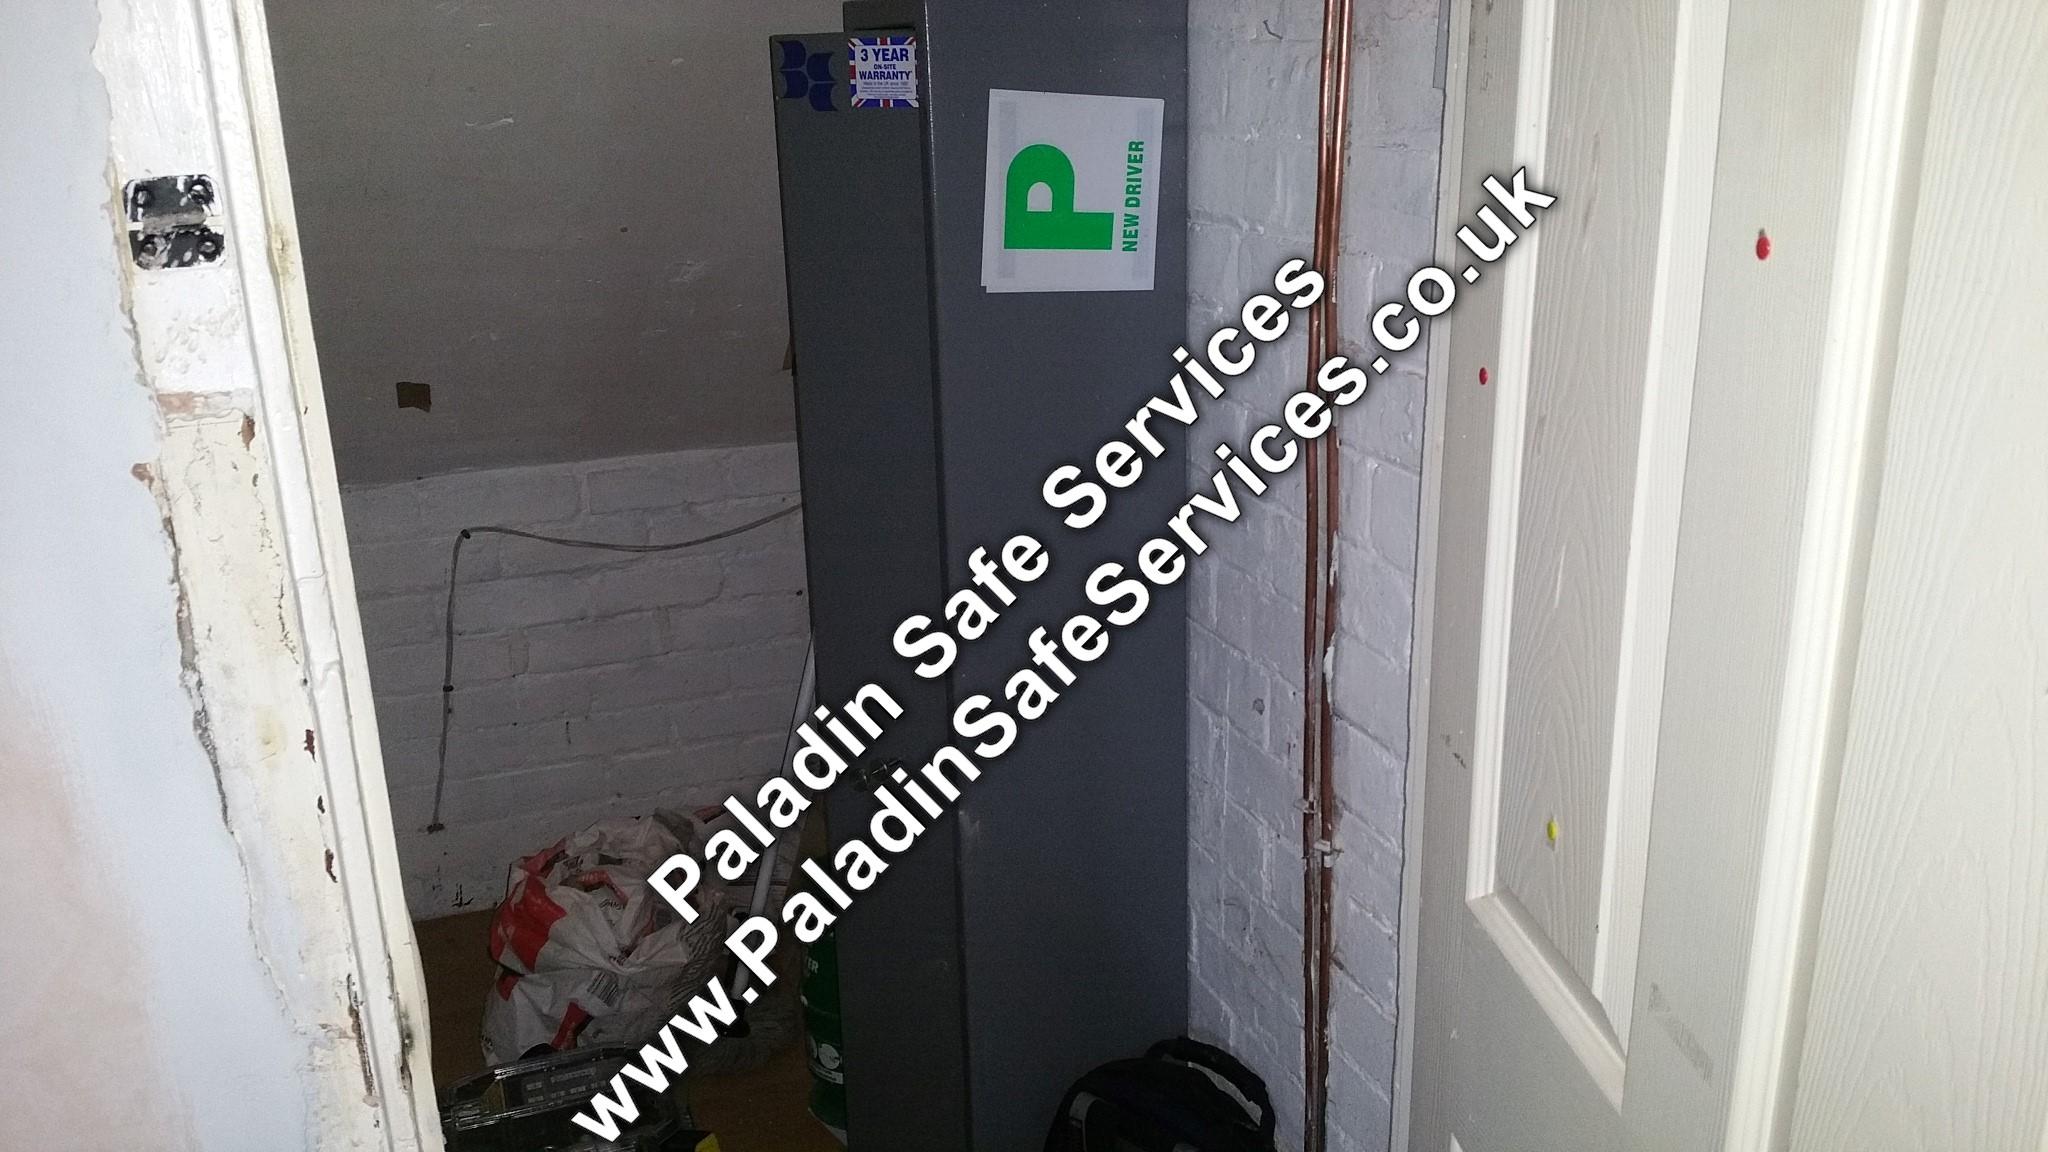 Brattonsound Archives - Paladin Safe Services